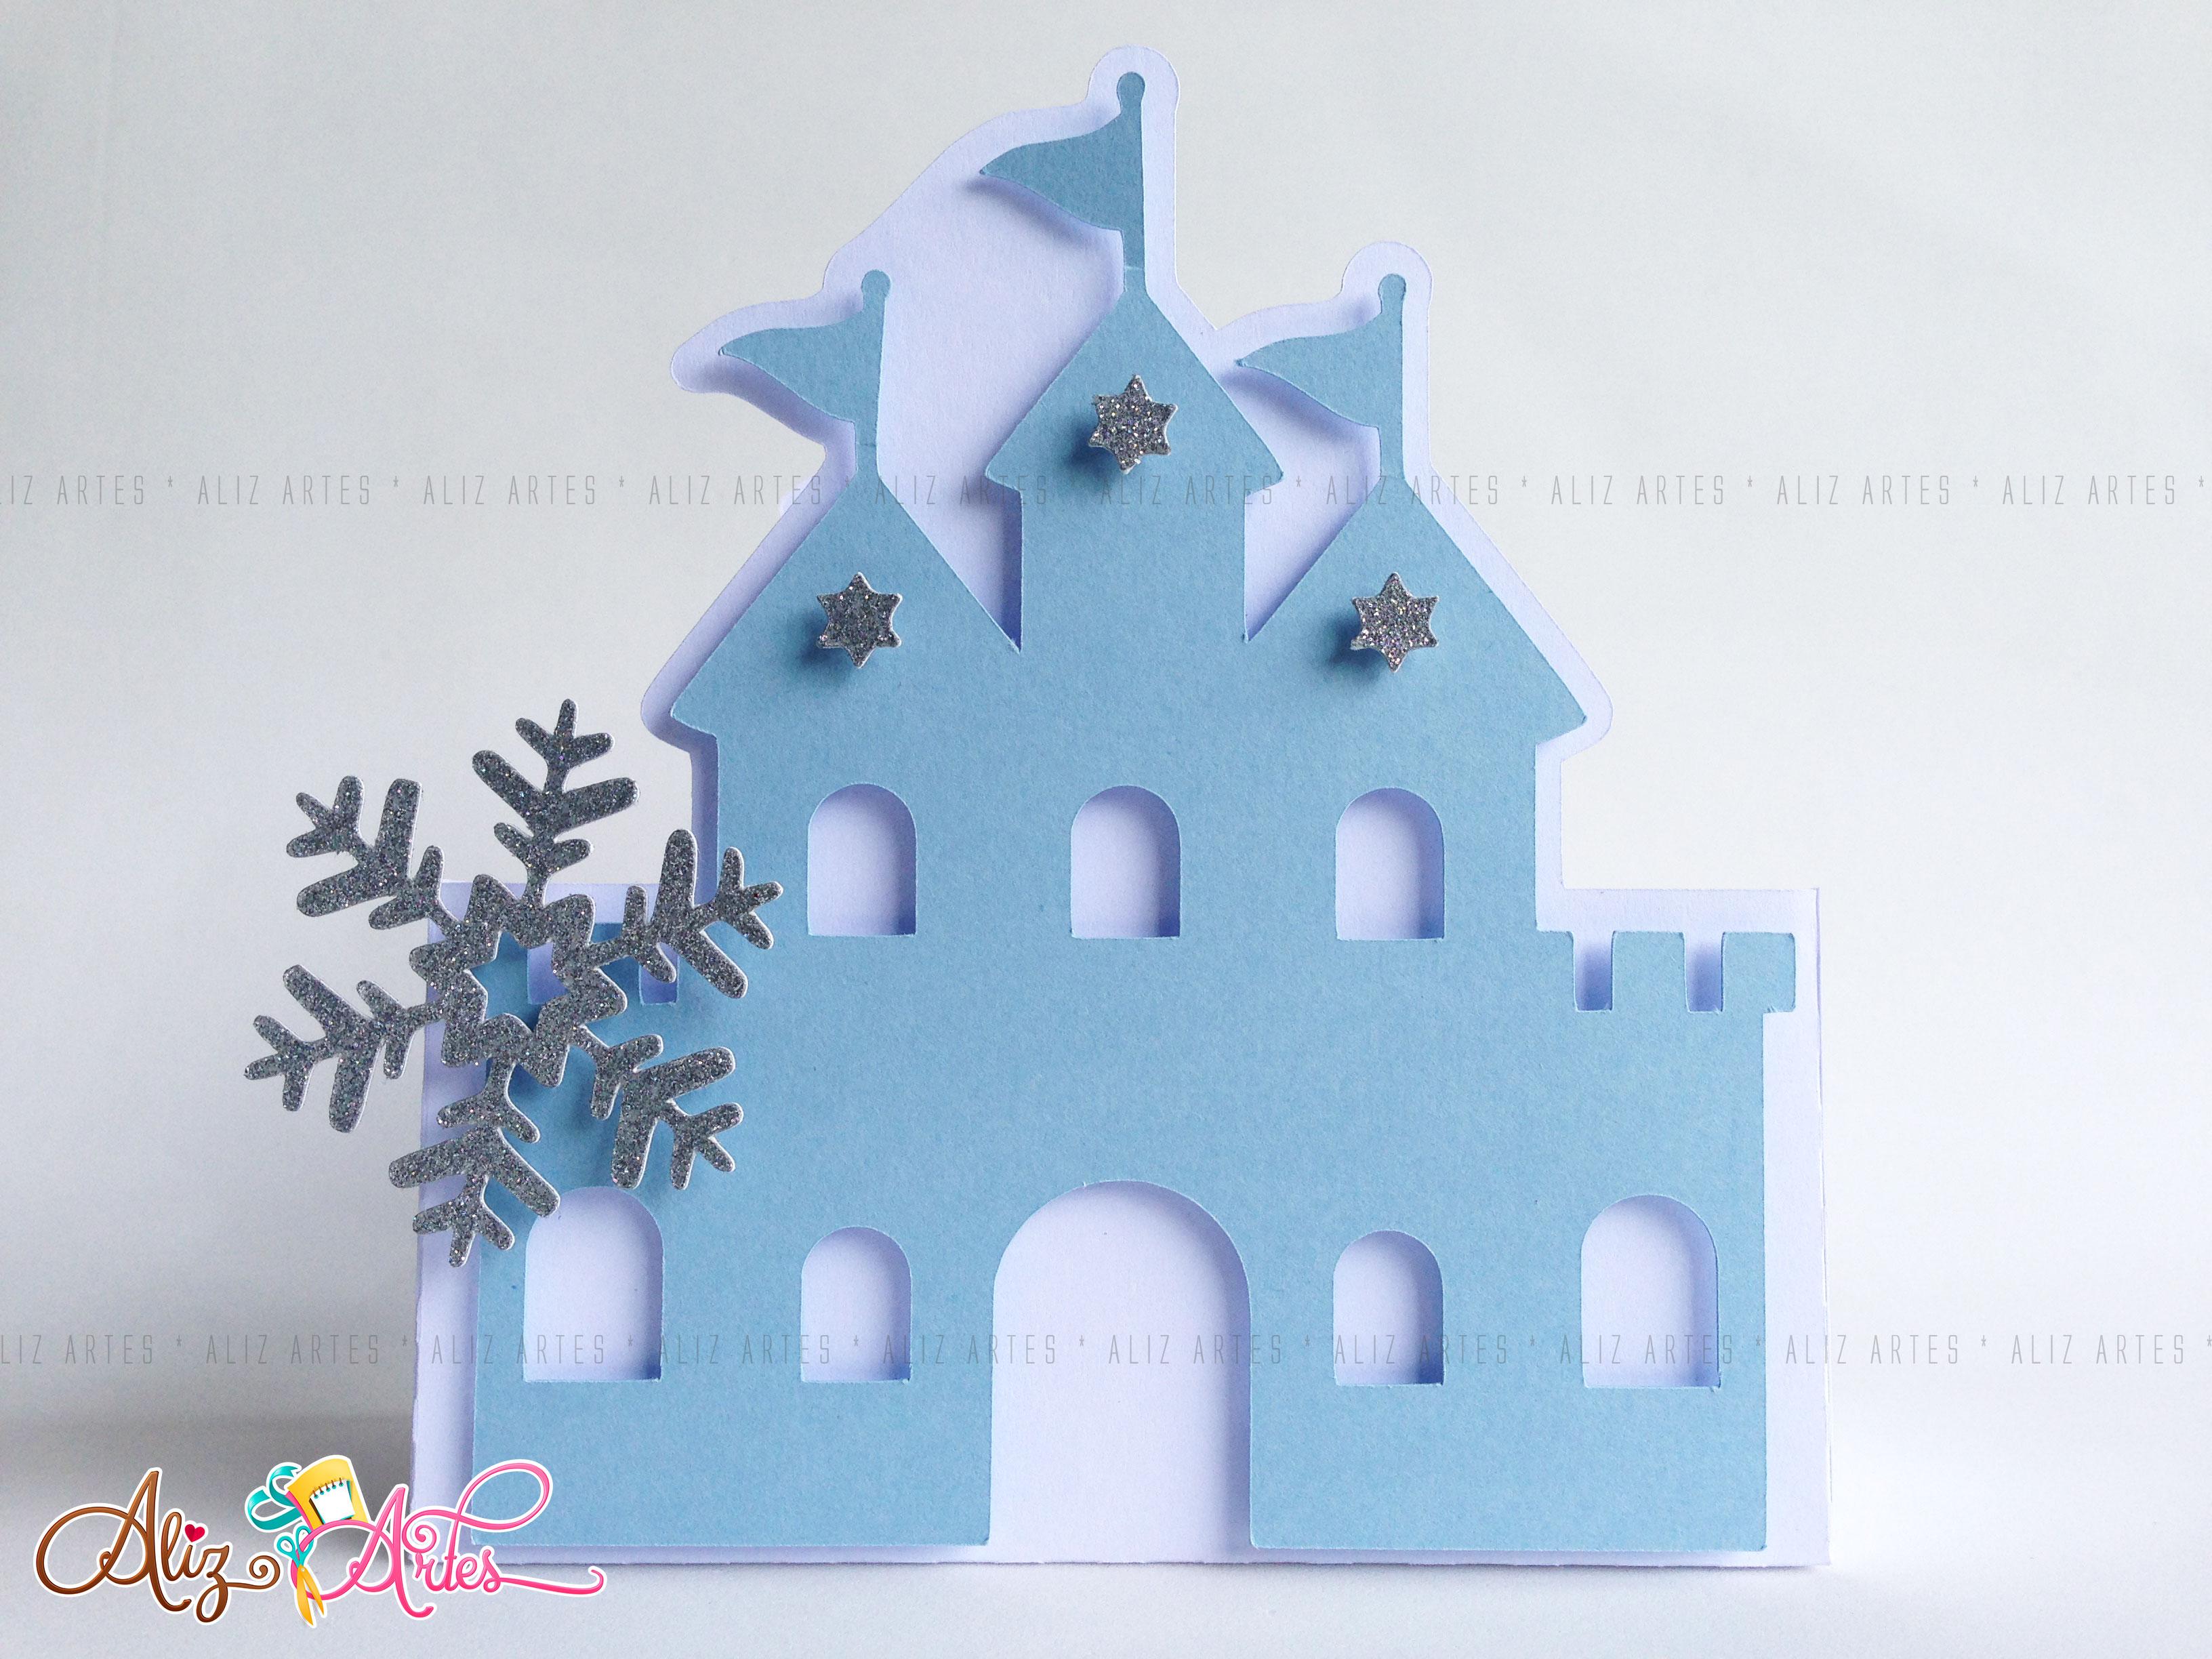 Super Caixa Castelo Frozen | Elo7 DR44